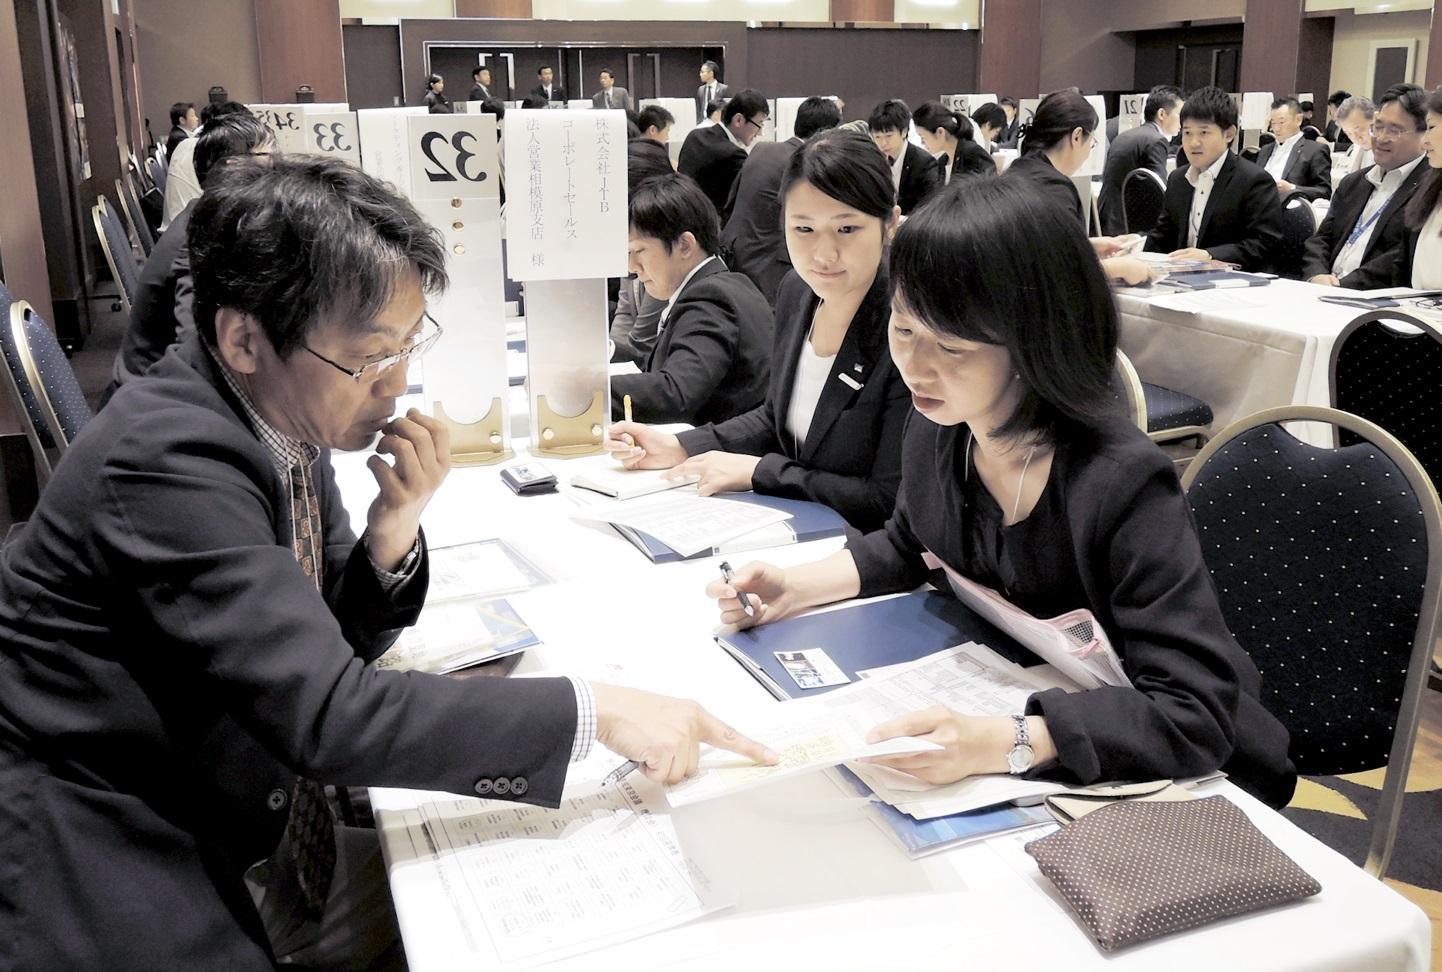 福井の観光プランについて商談を進める参加者=22日、東京都内のホテル